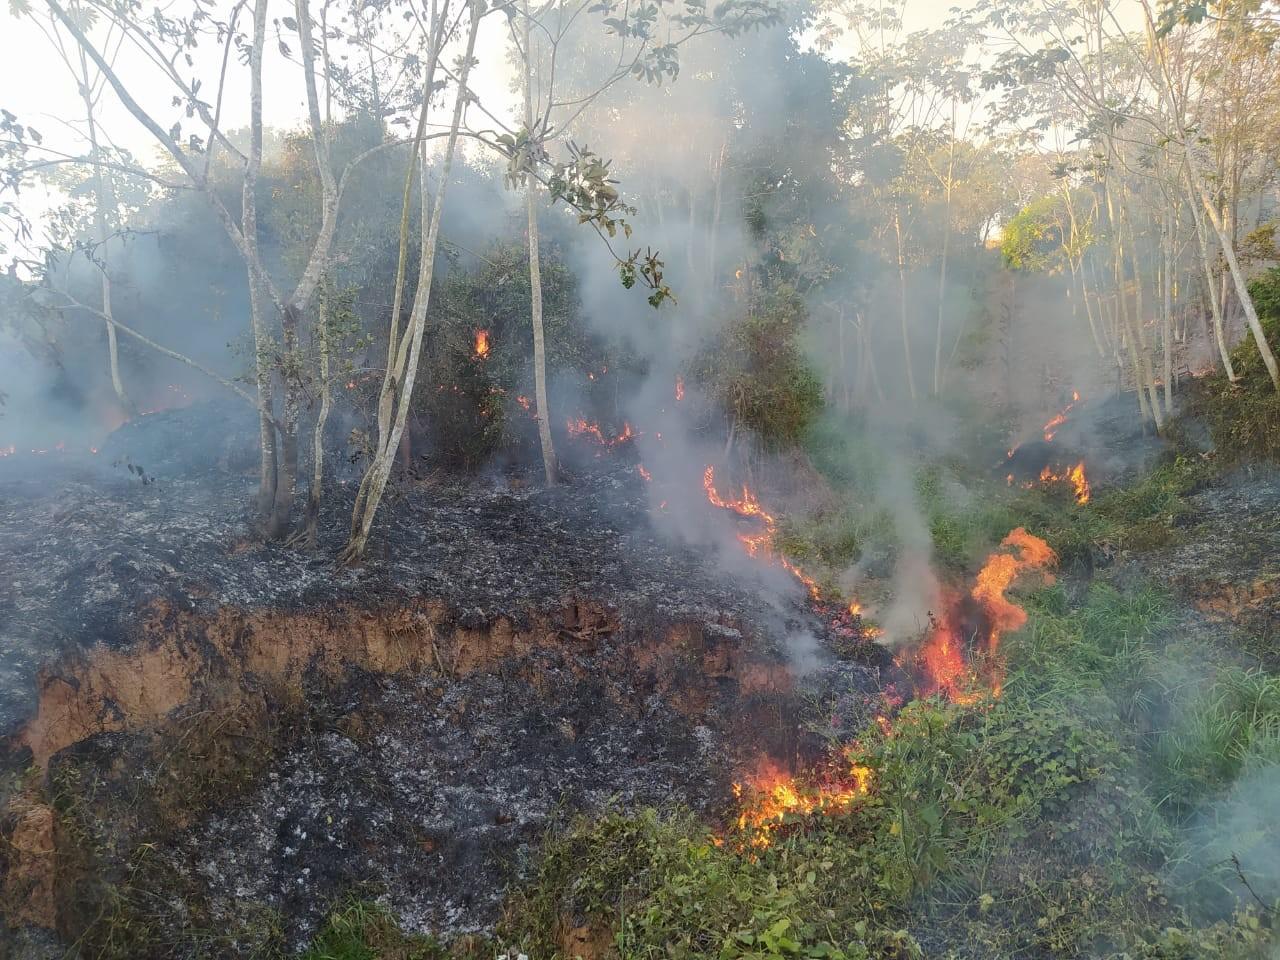 Incêndio em área de vegetação destrói cerca de dois hectares de terra no interior do Acre